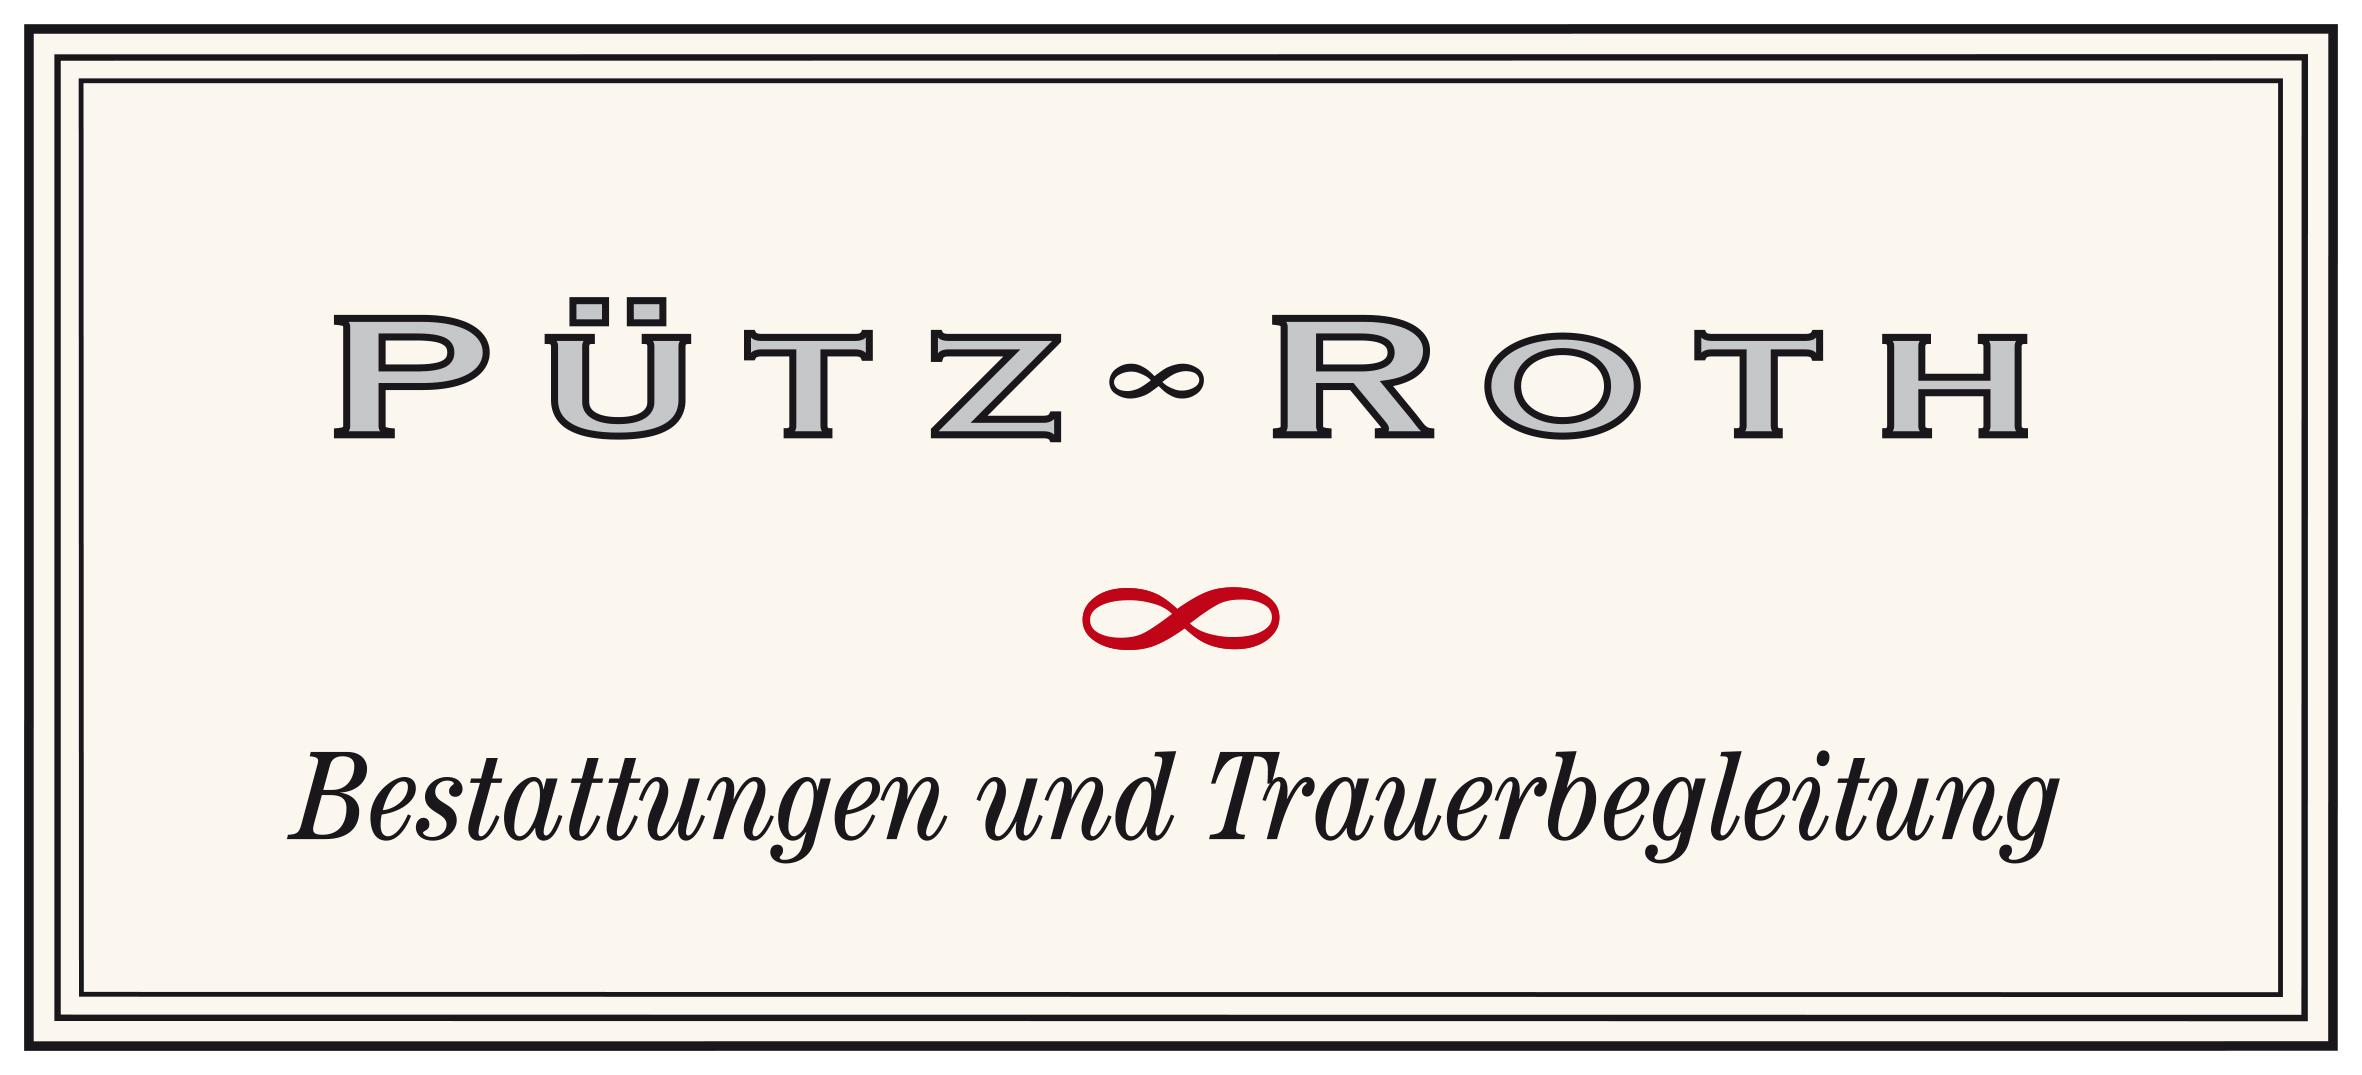 Pütz-Roth Bestattungen und Trauerbegleitung OHG